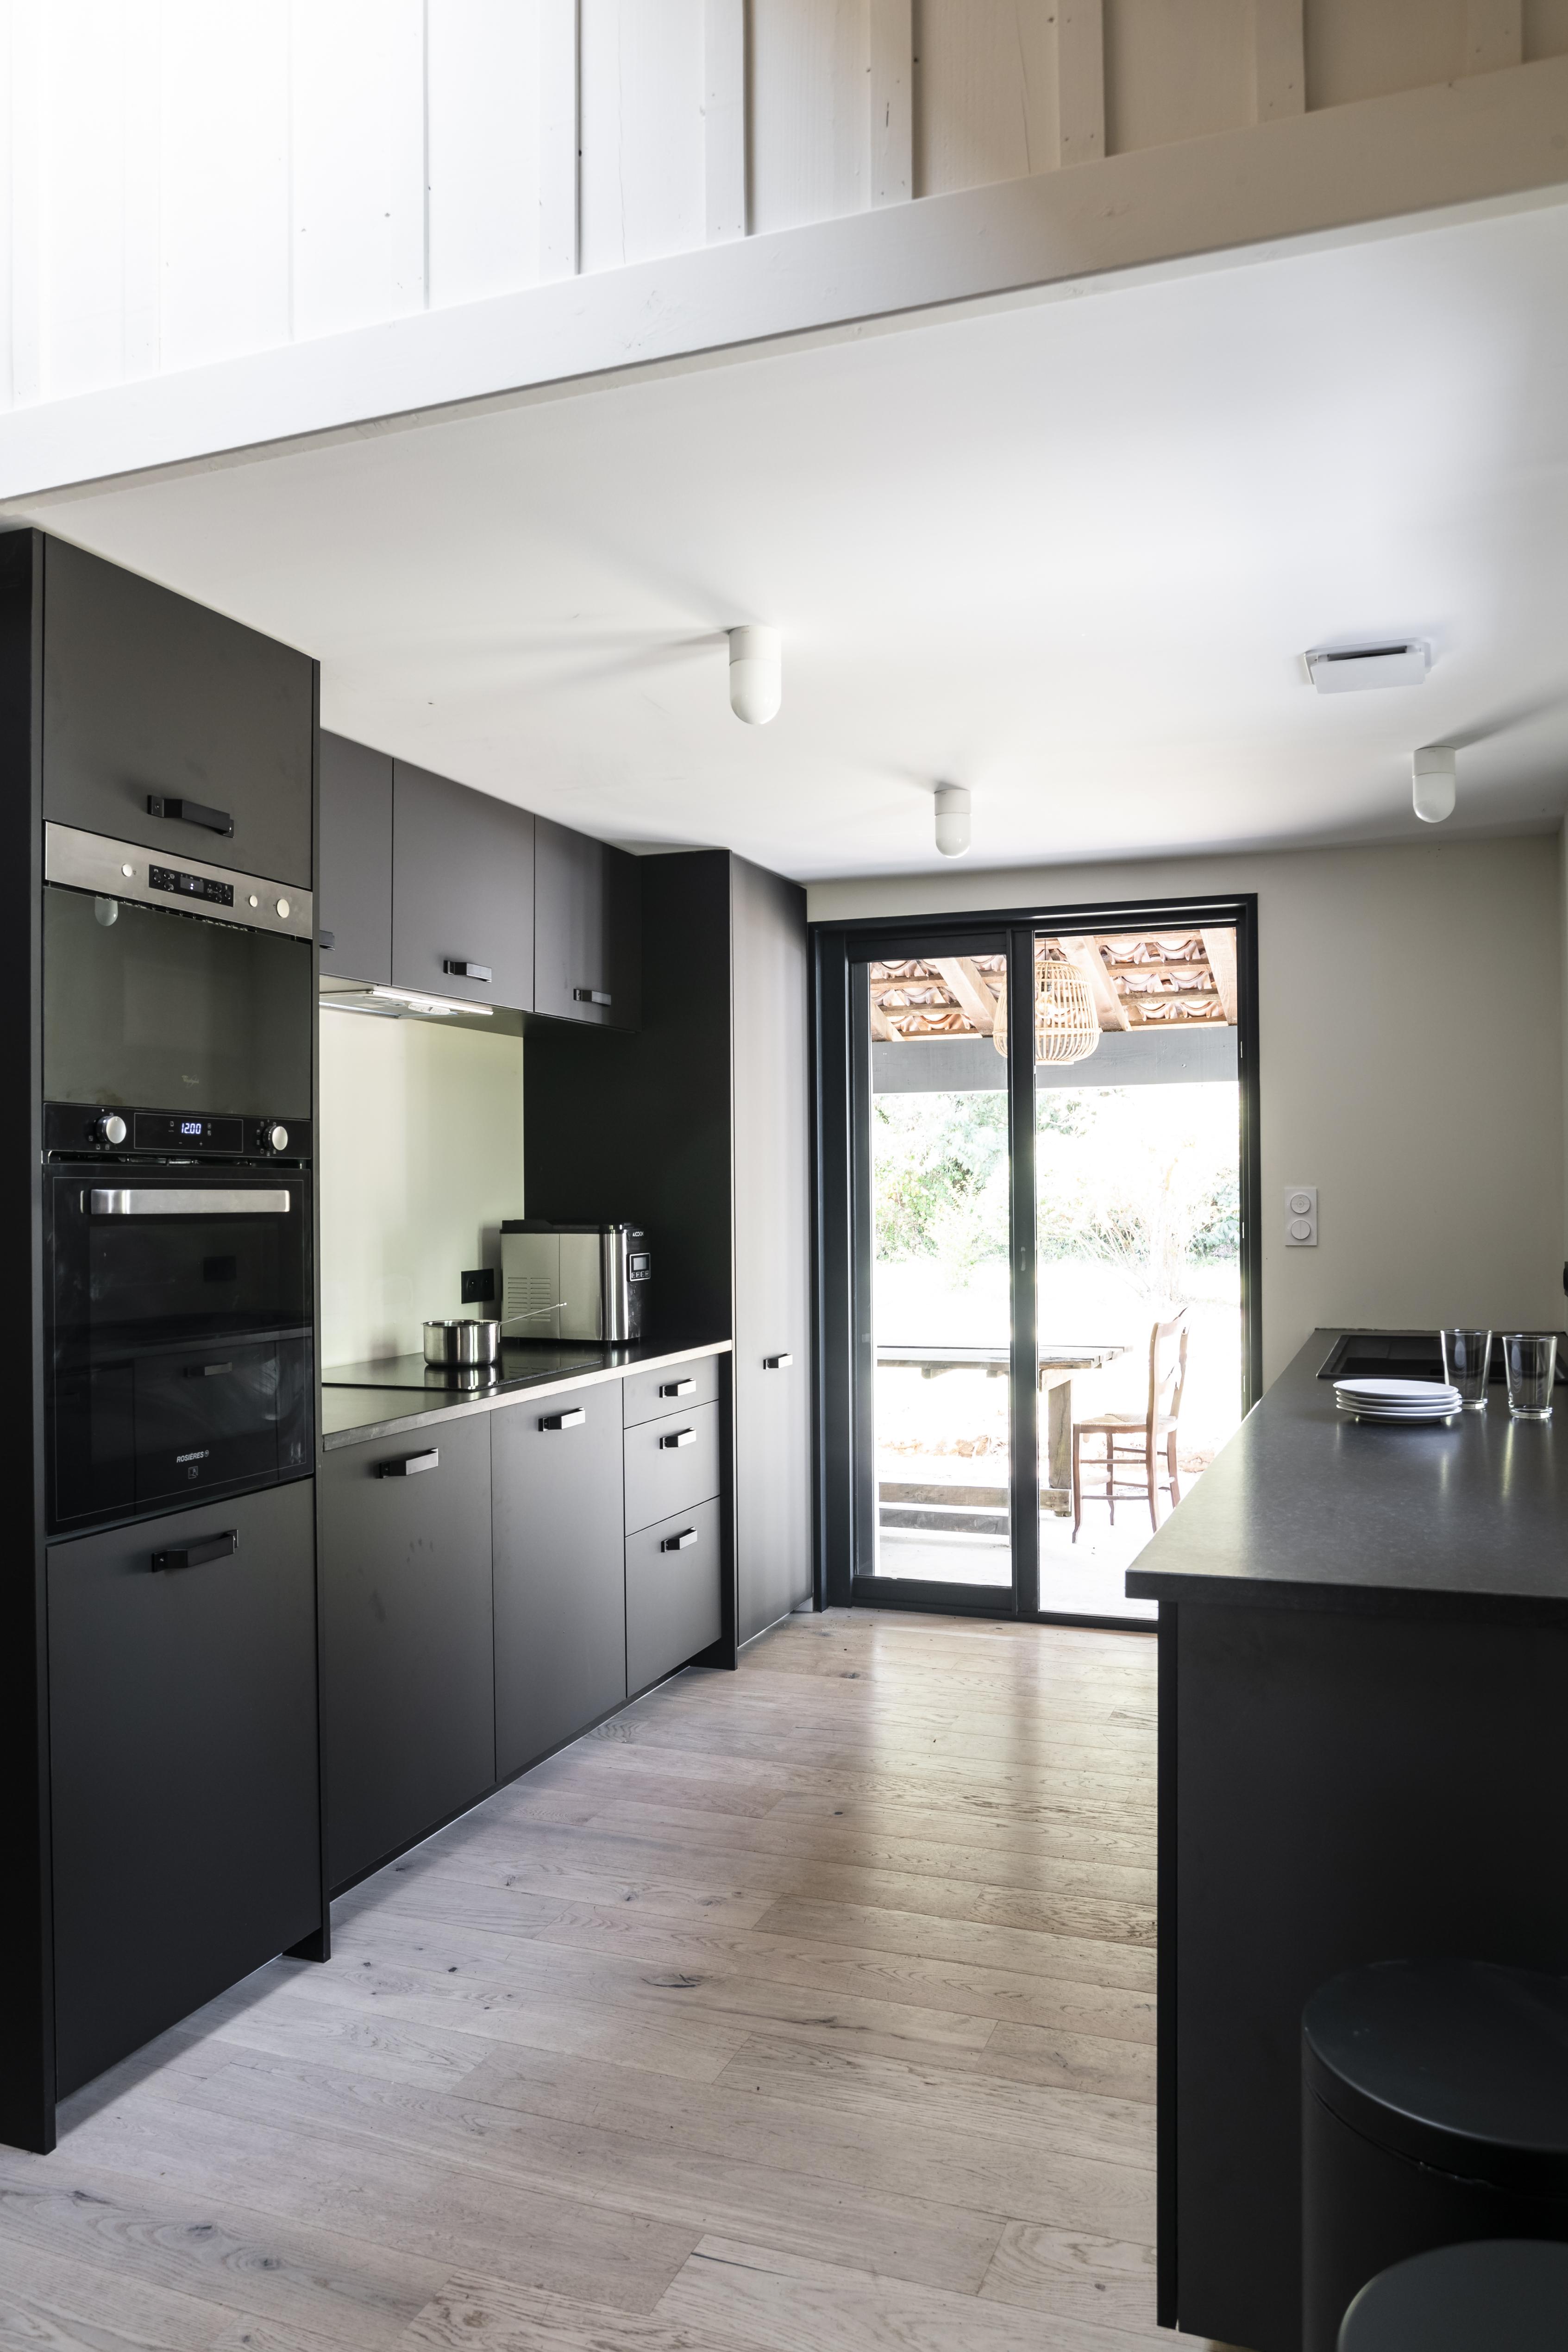 lalaarchitectes_Landes_renovationcuisine_noiretblanc-bardagebois